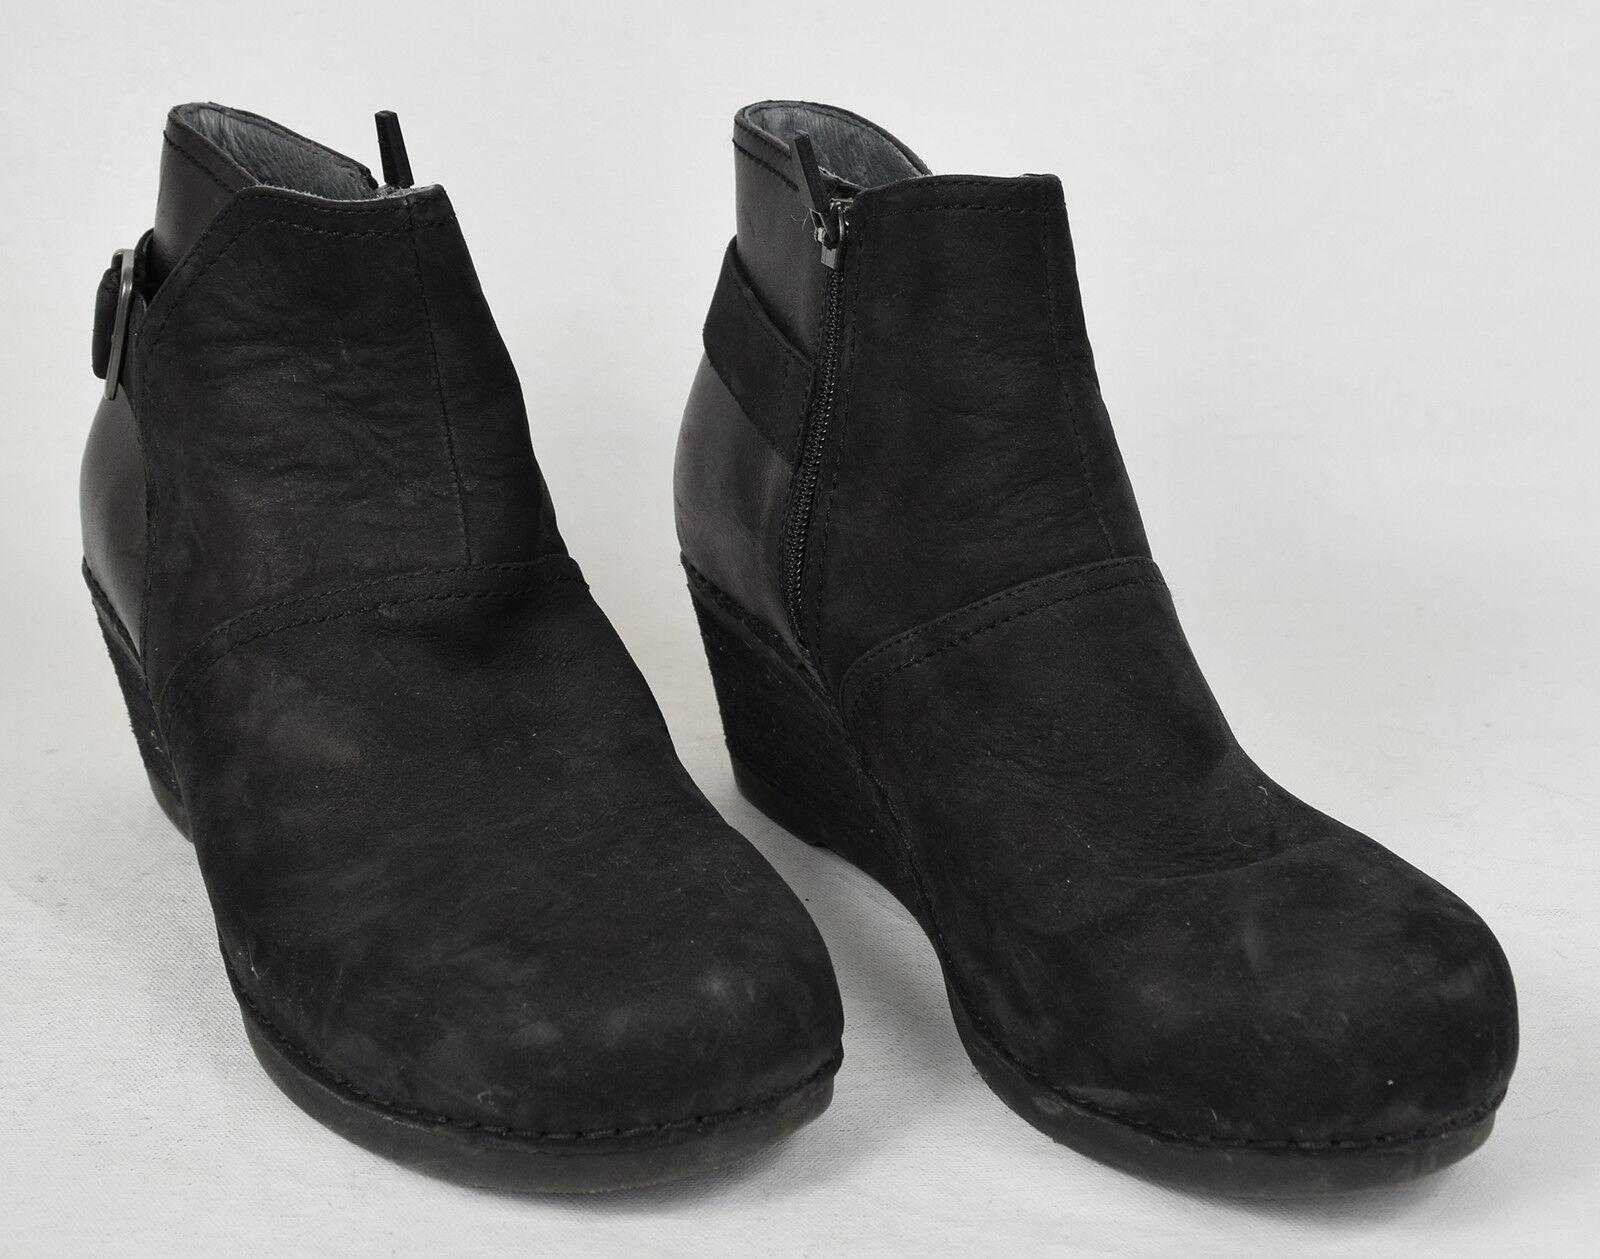 Dansko Dansko Dansko Womens Shirley Ankle Bootie Black Boots 41 f43f0b